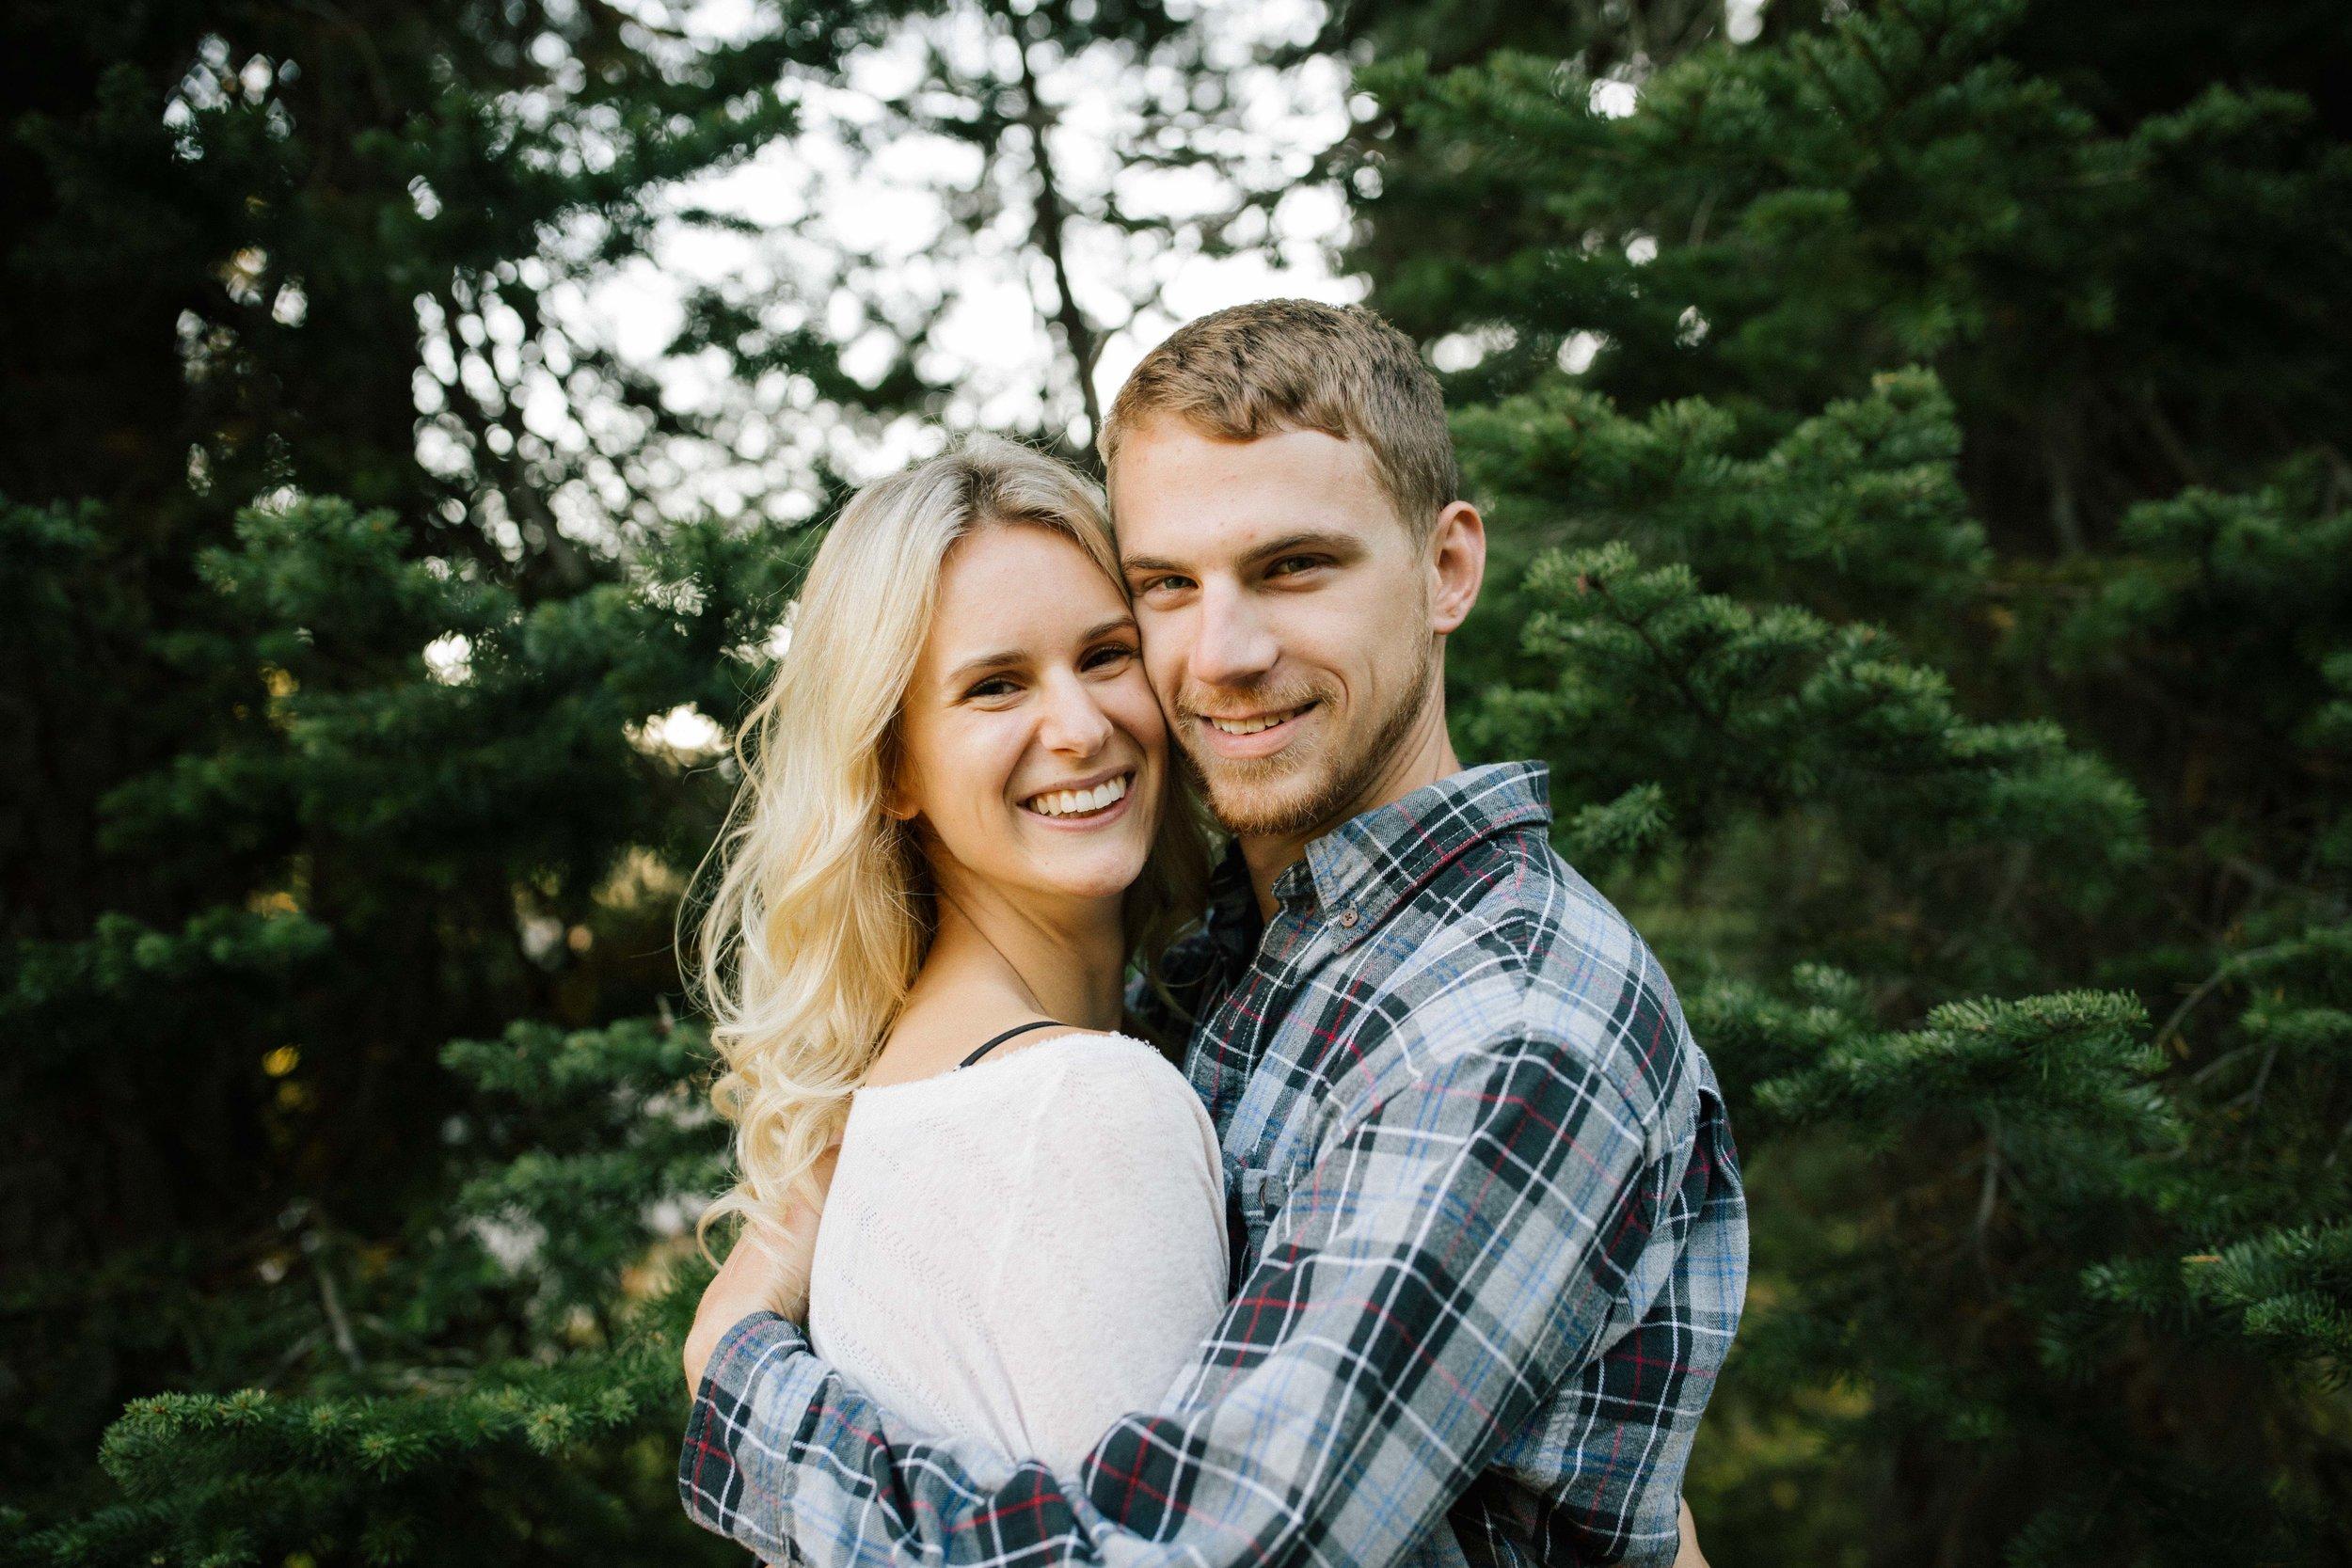 Alexis&Kyle-Engaged!BLOG-74.jpg